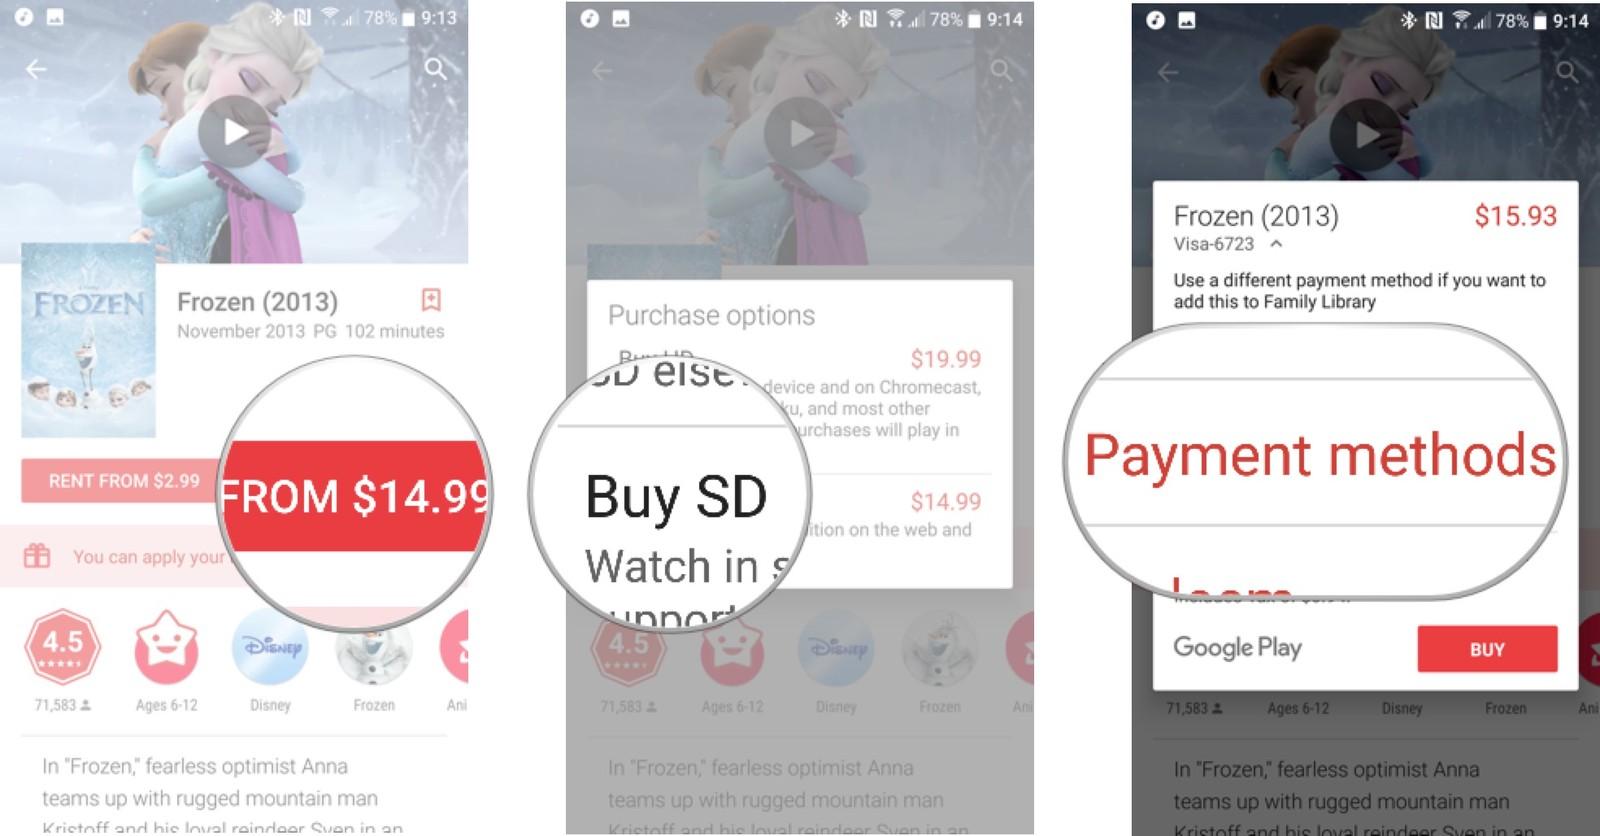 google-play-instrukciya-po-ispolzovaniyu-kak-kupit-filmy